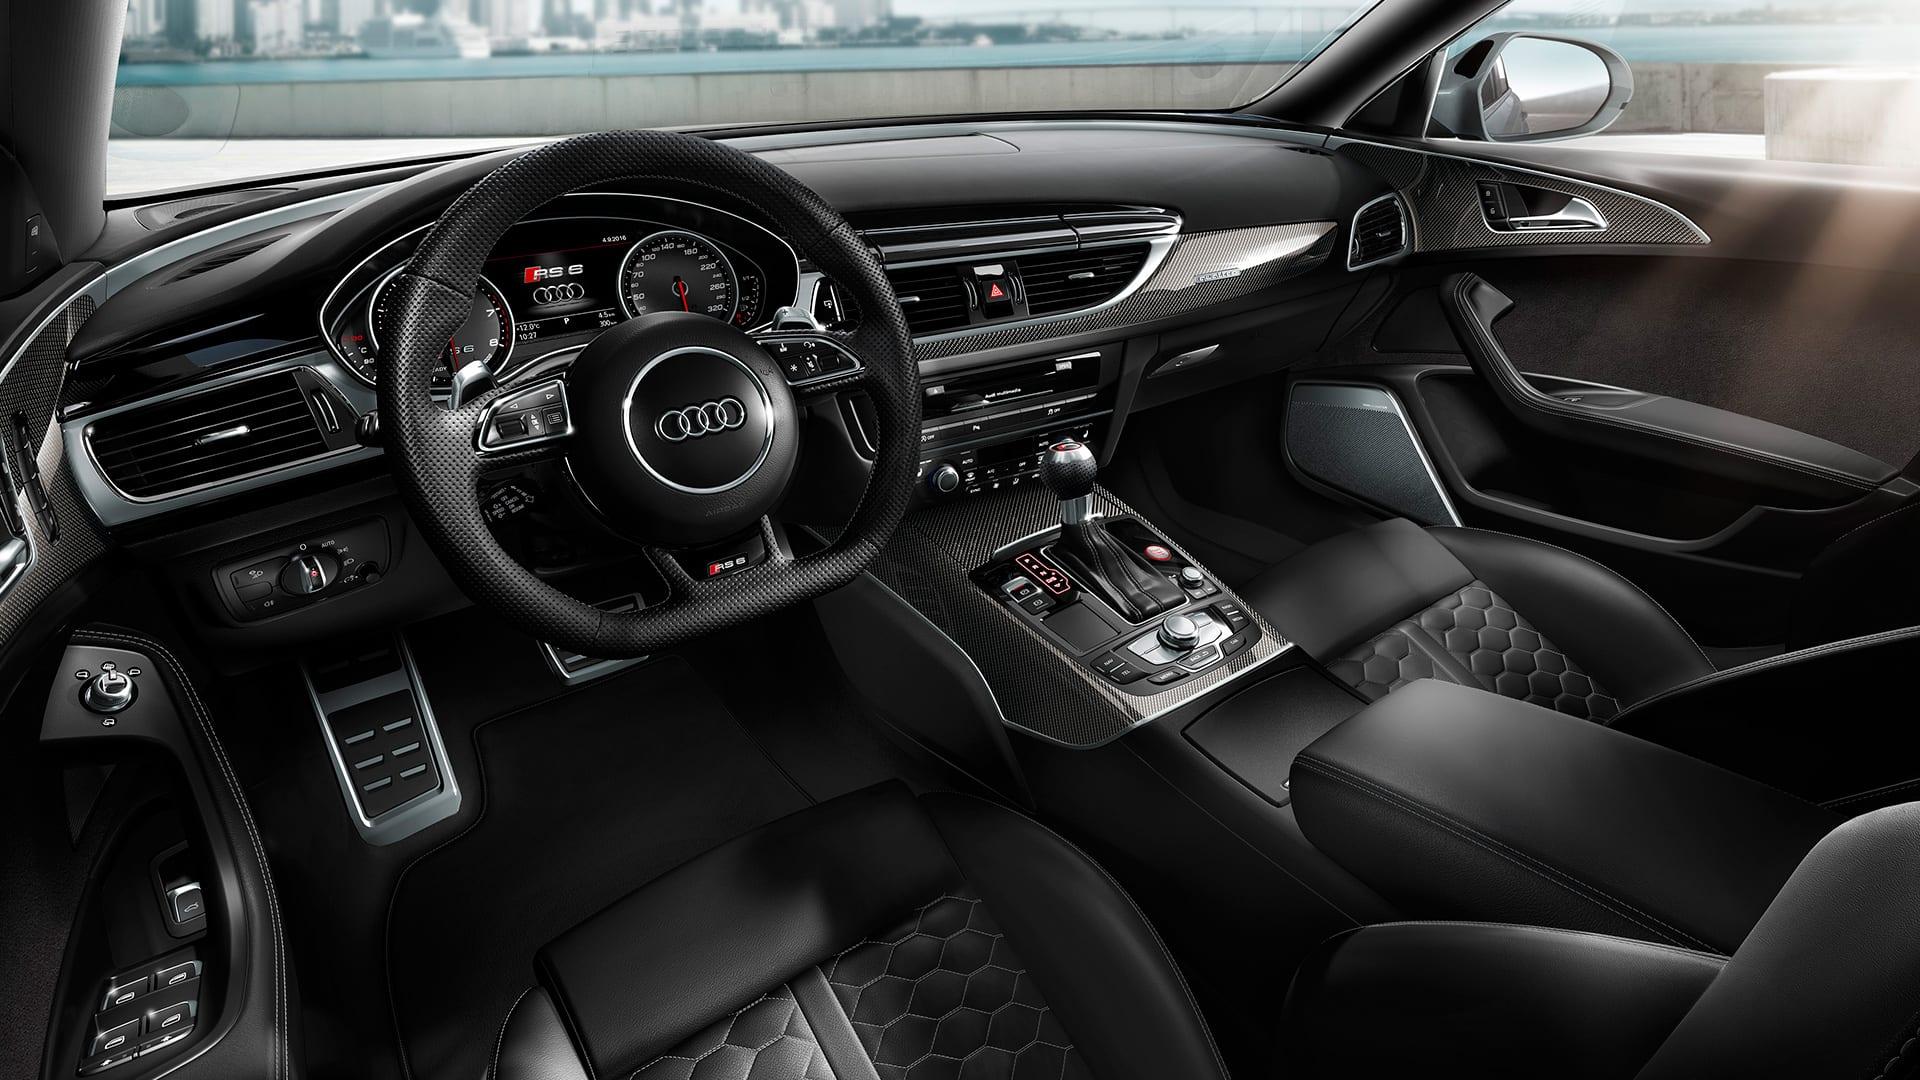 RS Avant A Audi India - Audi rs6 2018